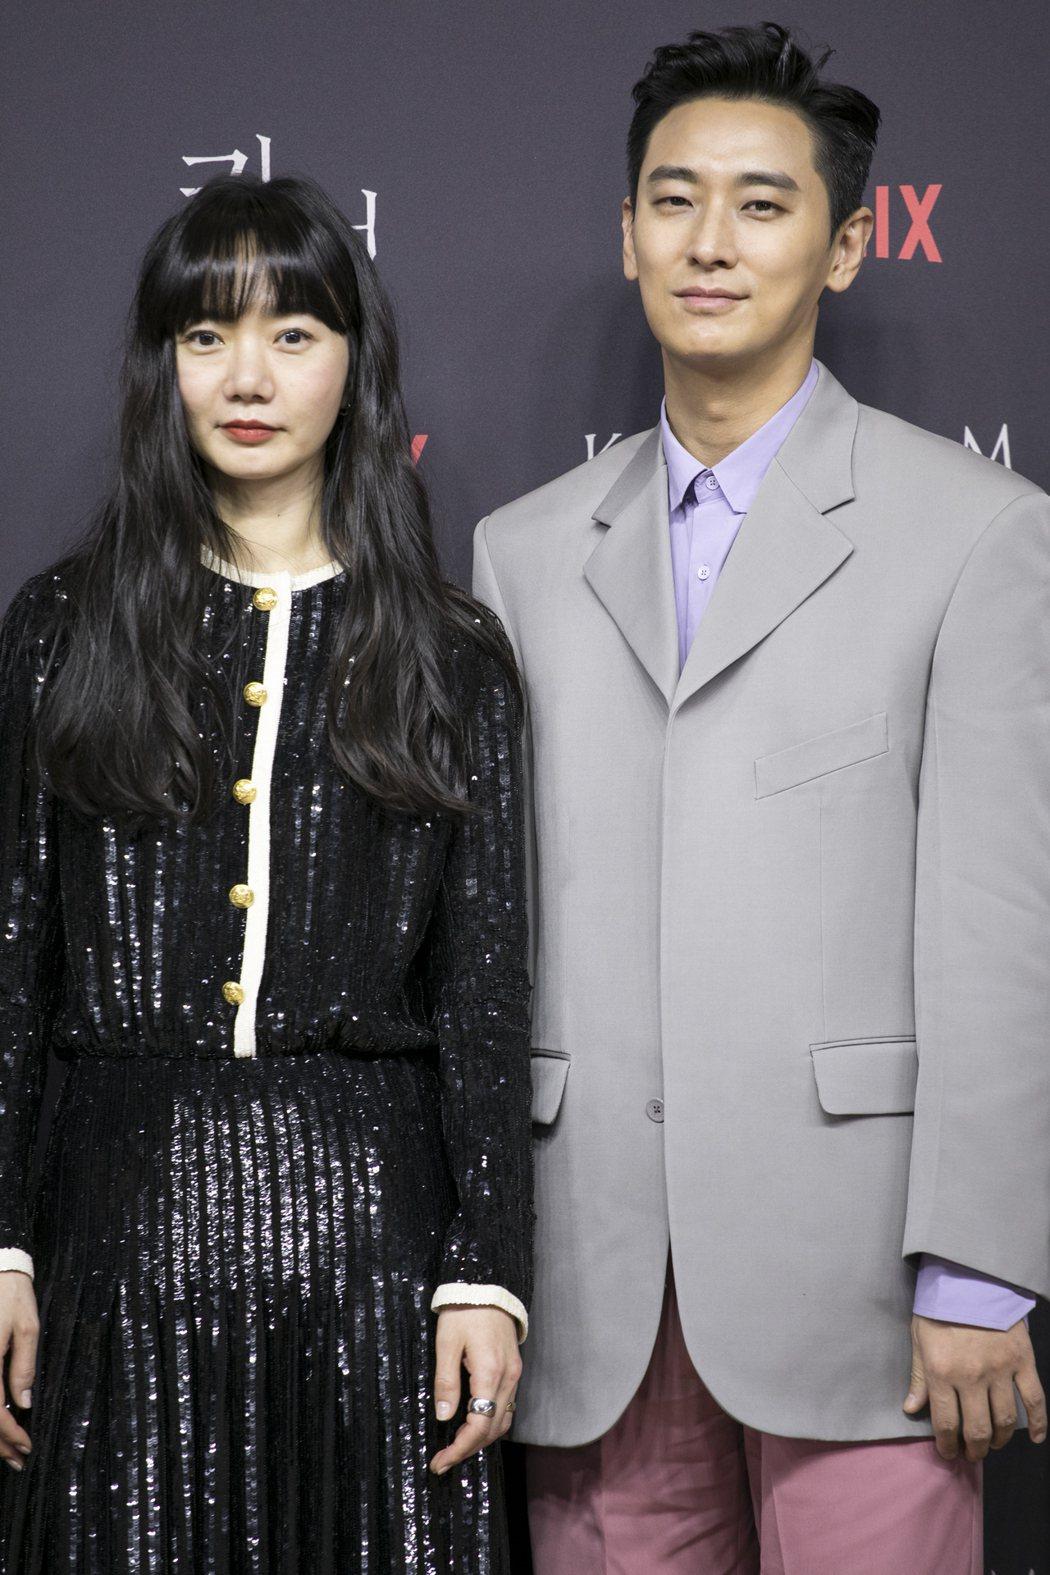 裴斗娜(左)與朱智勳今天出席「李屍朝鮮」第二季新戲記者會。圖/Netflix提供